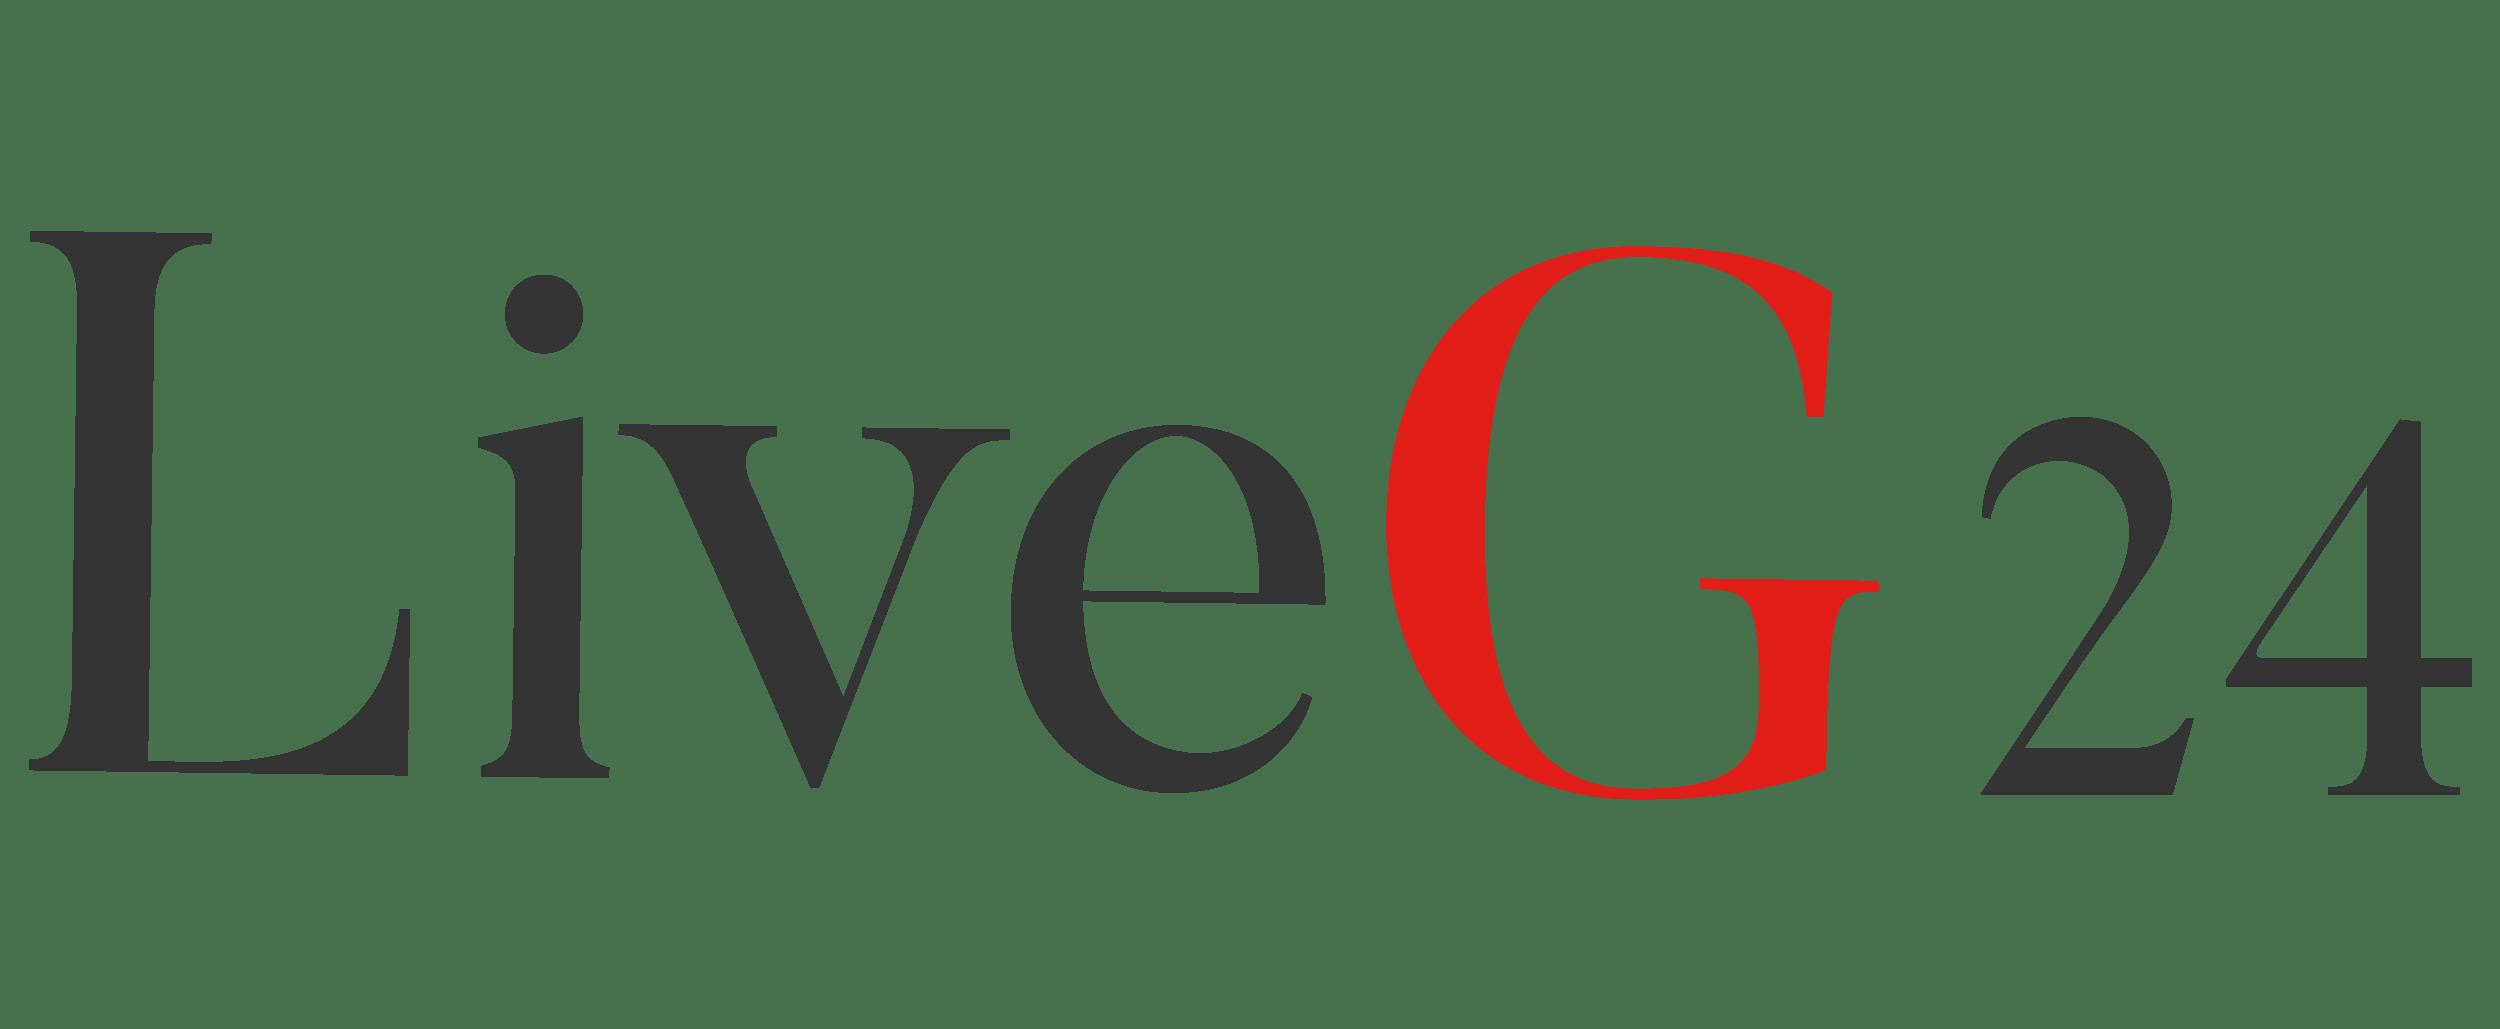 LiveG24 games